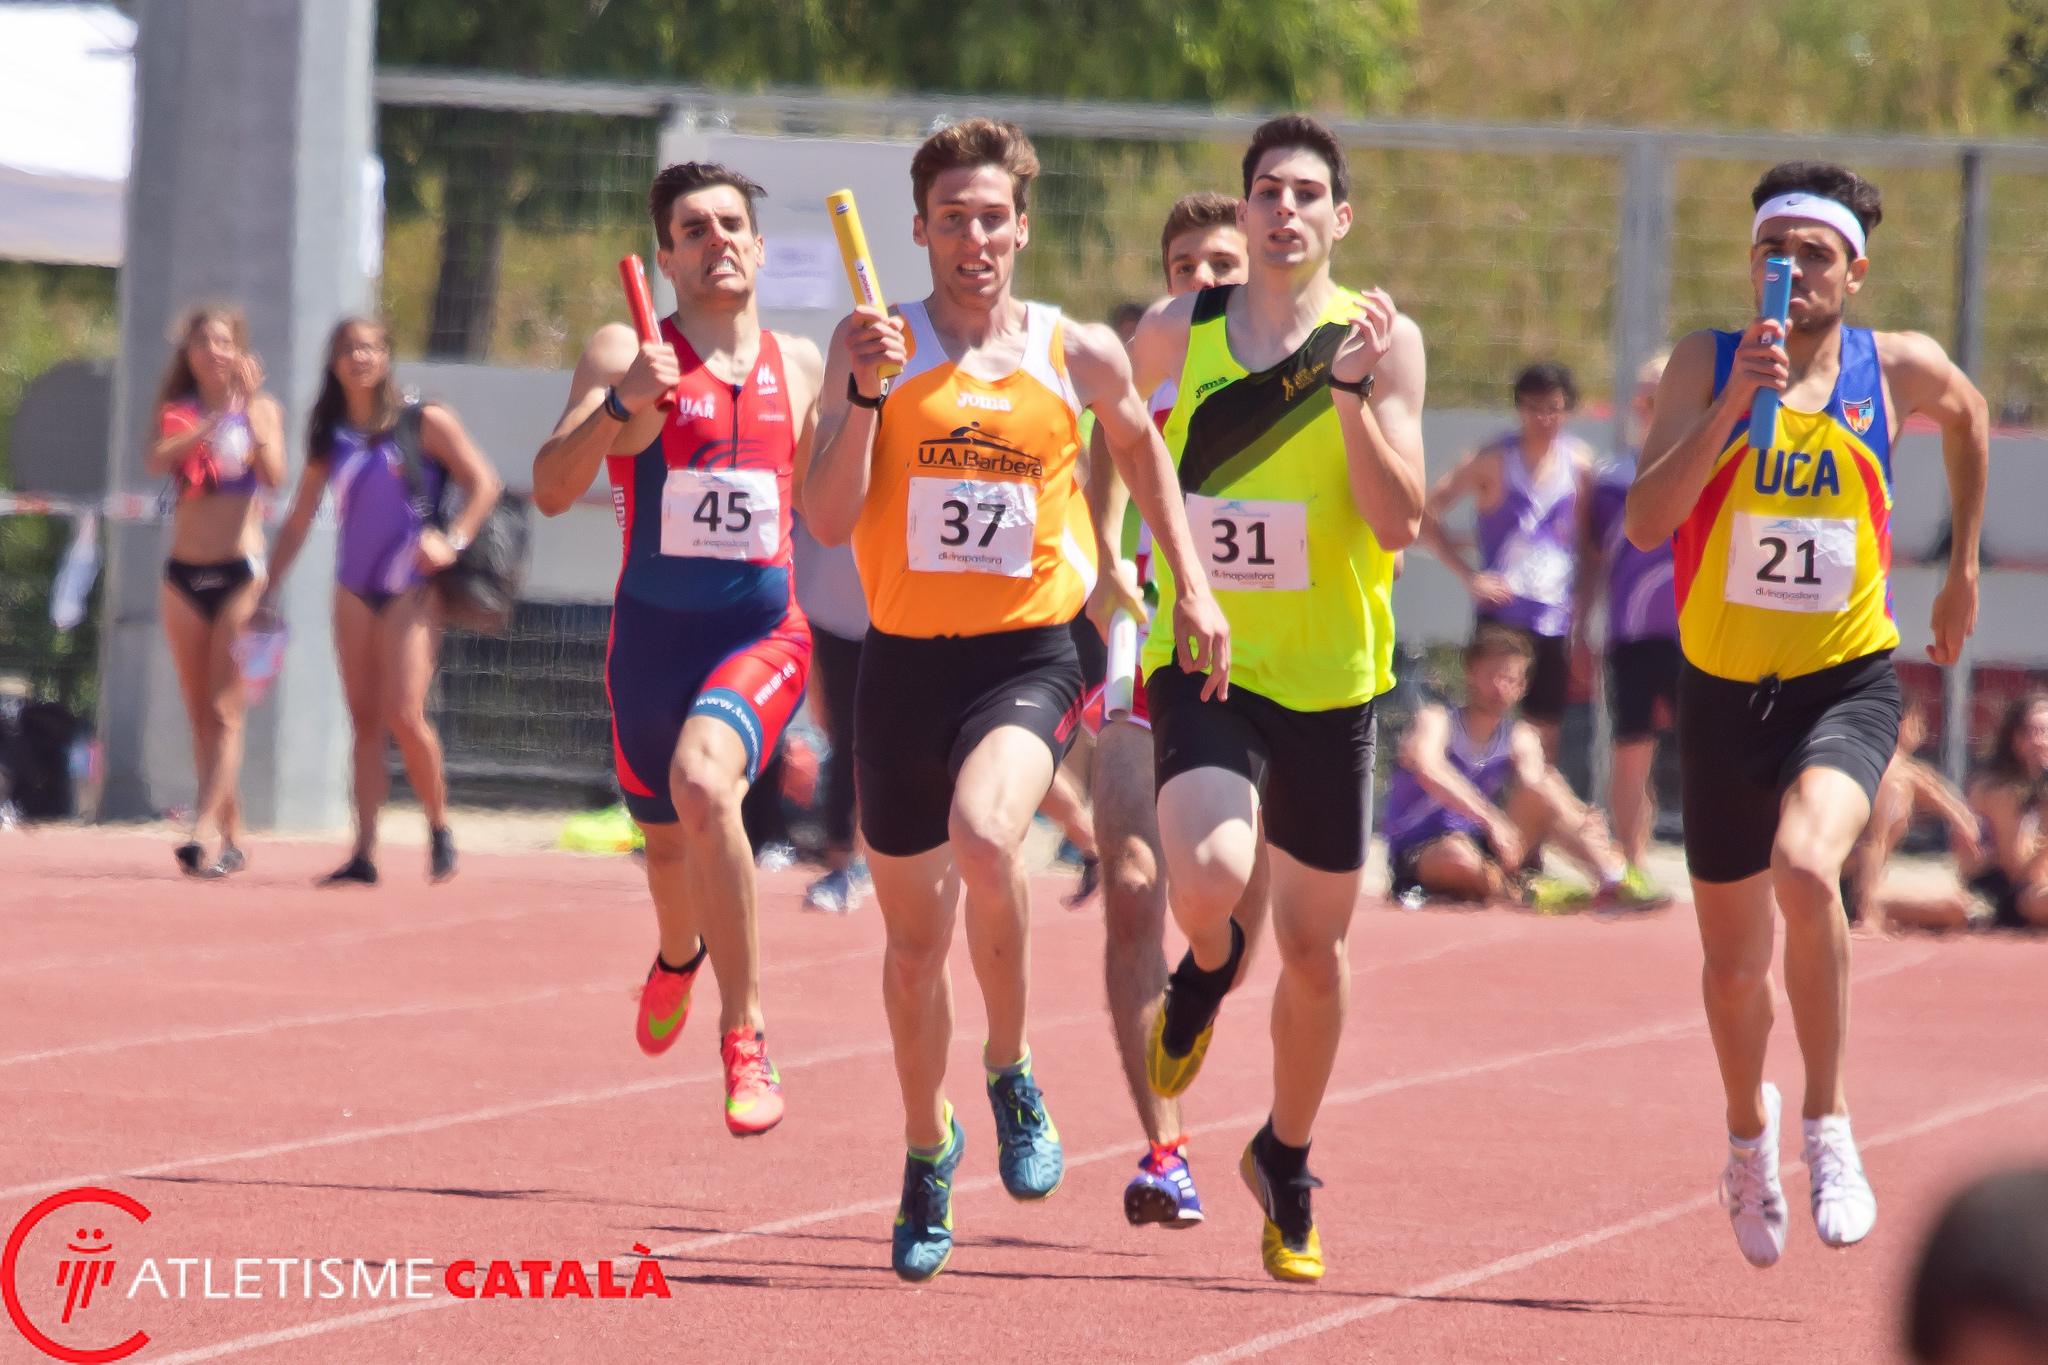 Resultats de la UCA al Campionat de Catalunya de Clubs 2017 – Final Grup C